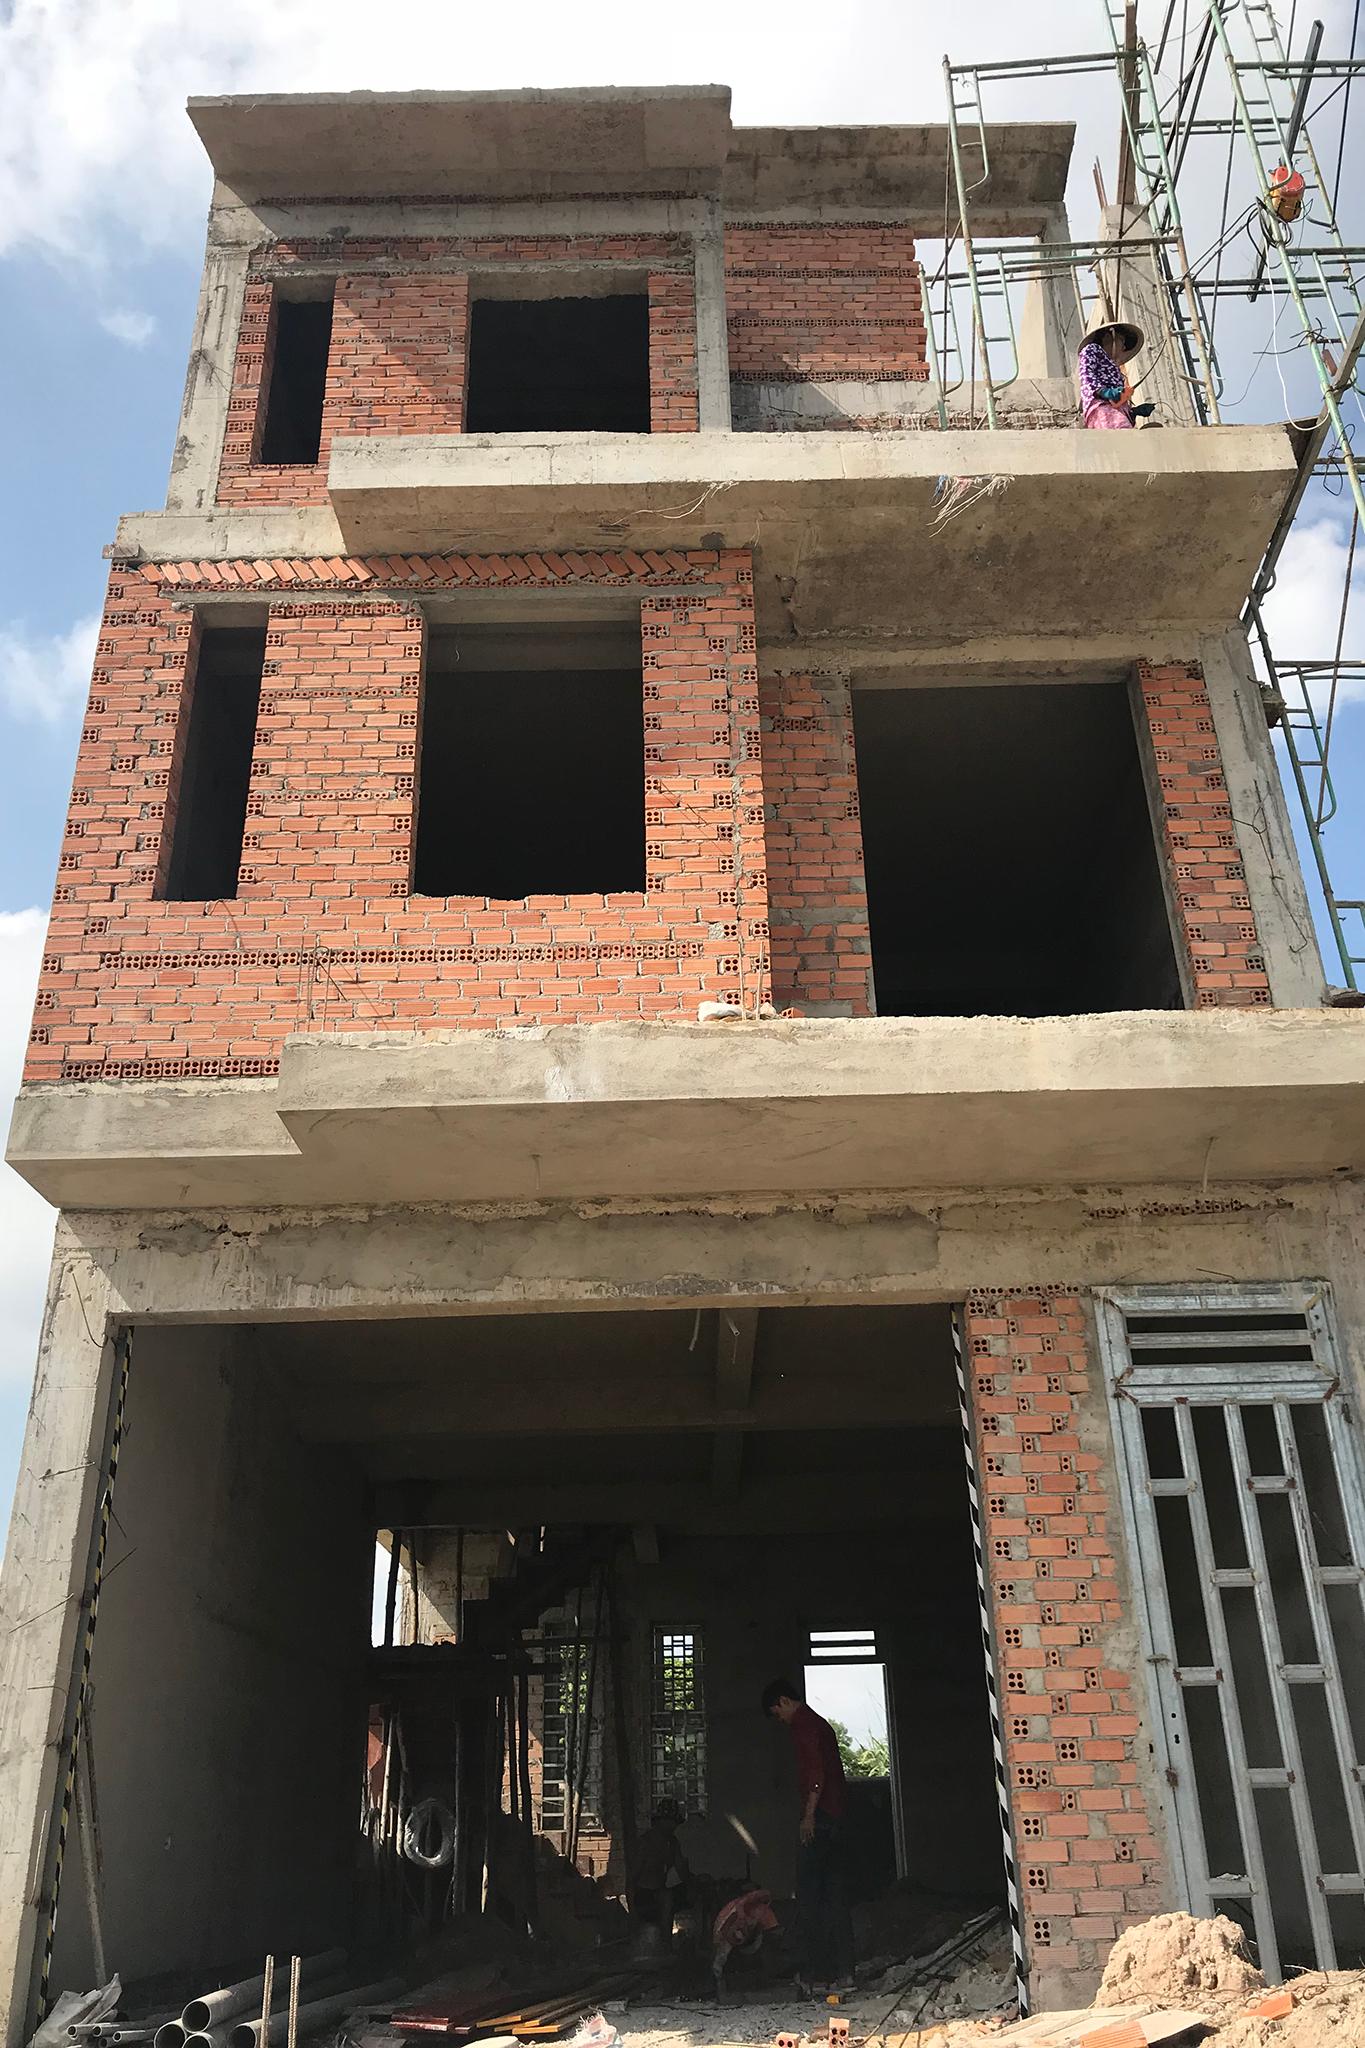 thiet ke xay nha 3 tang o bien hoa 2 Mẫu nhà 3 tầng hiện đại 6,6x17m dùng thủ pháp tối ưu vừa ở vừa kinh doanh ở Biên Hòa